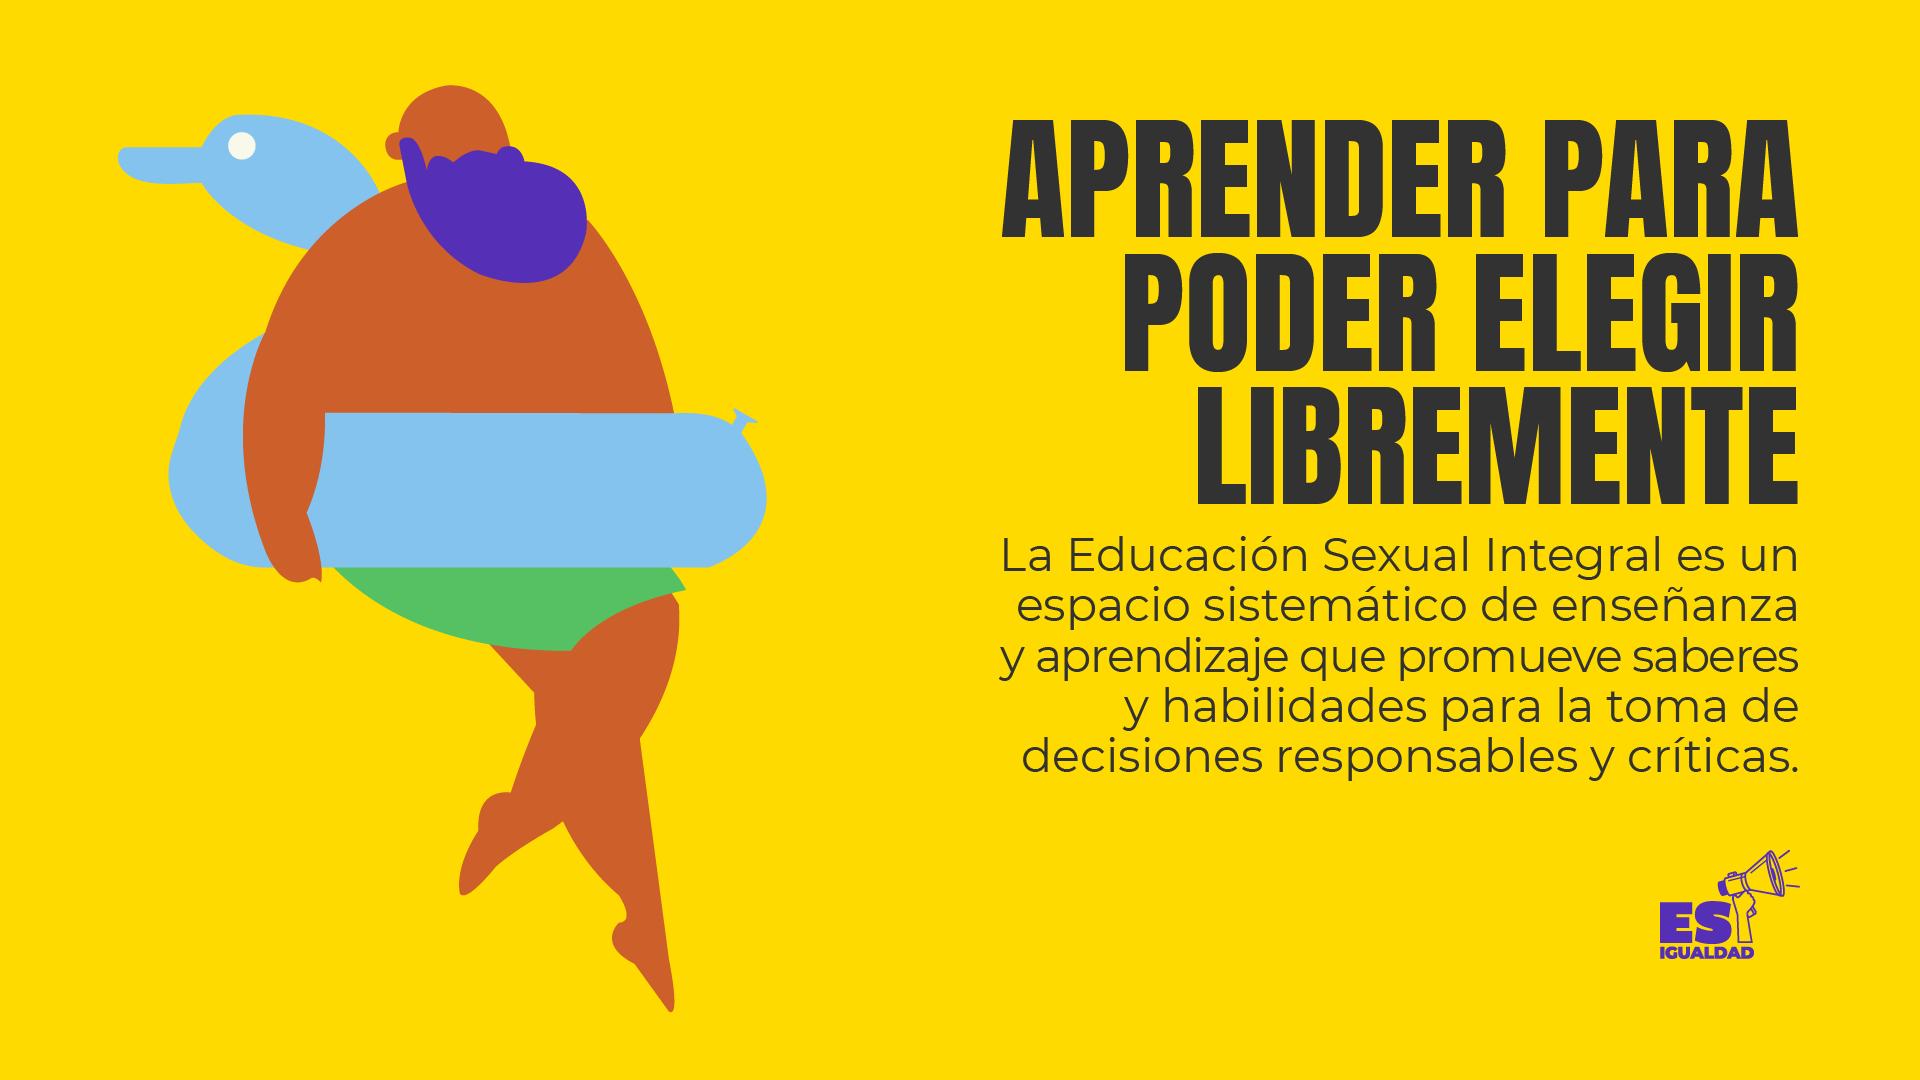 Amnistía internacional lanza esigualdad  con el objetivo de garantizar la educación sexual integral